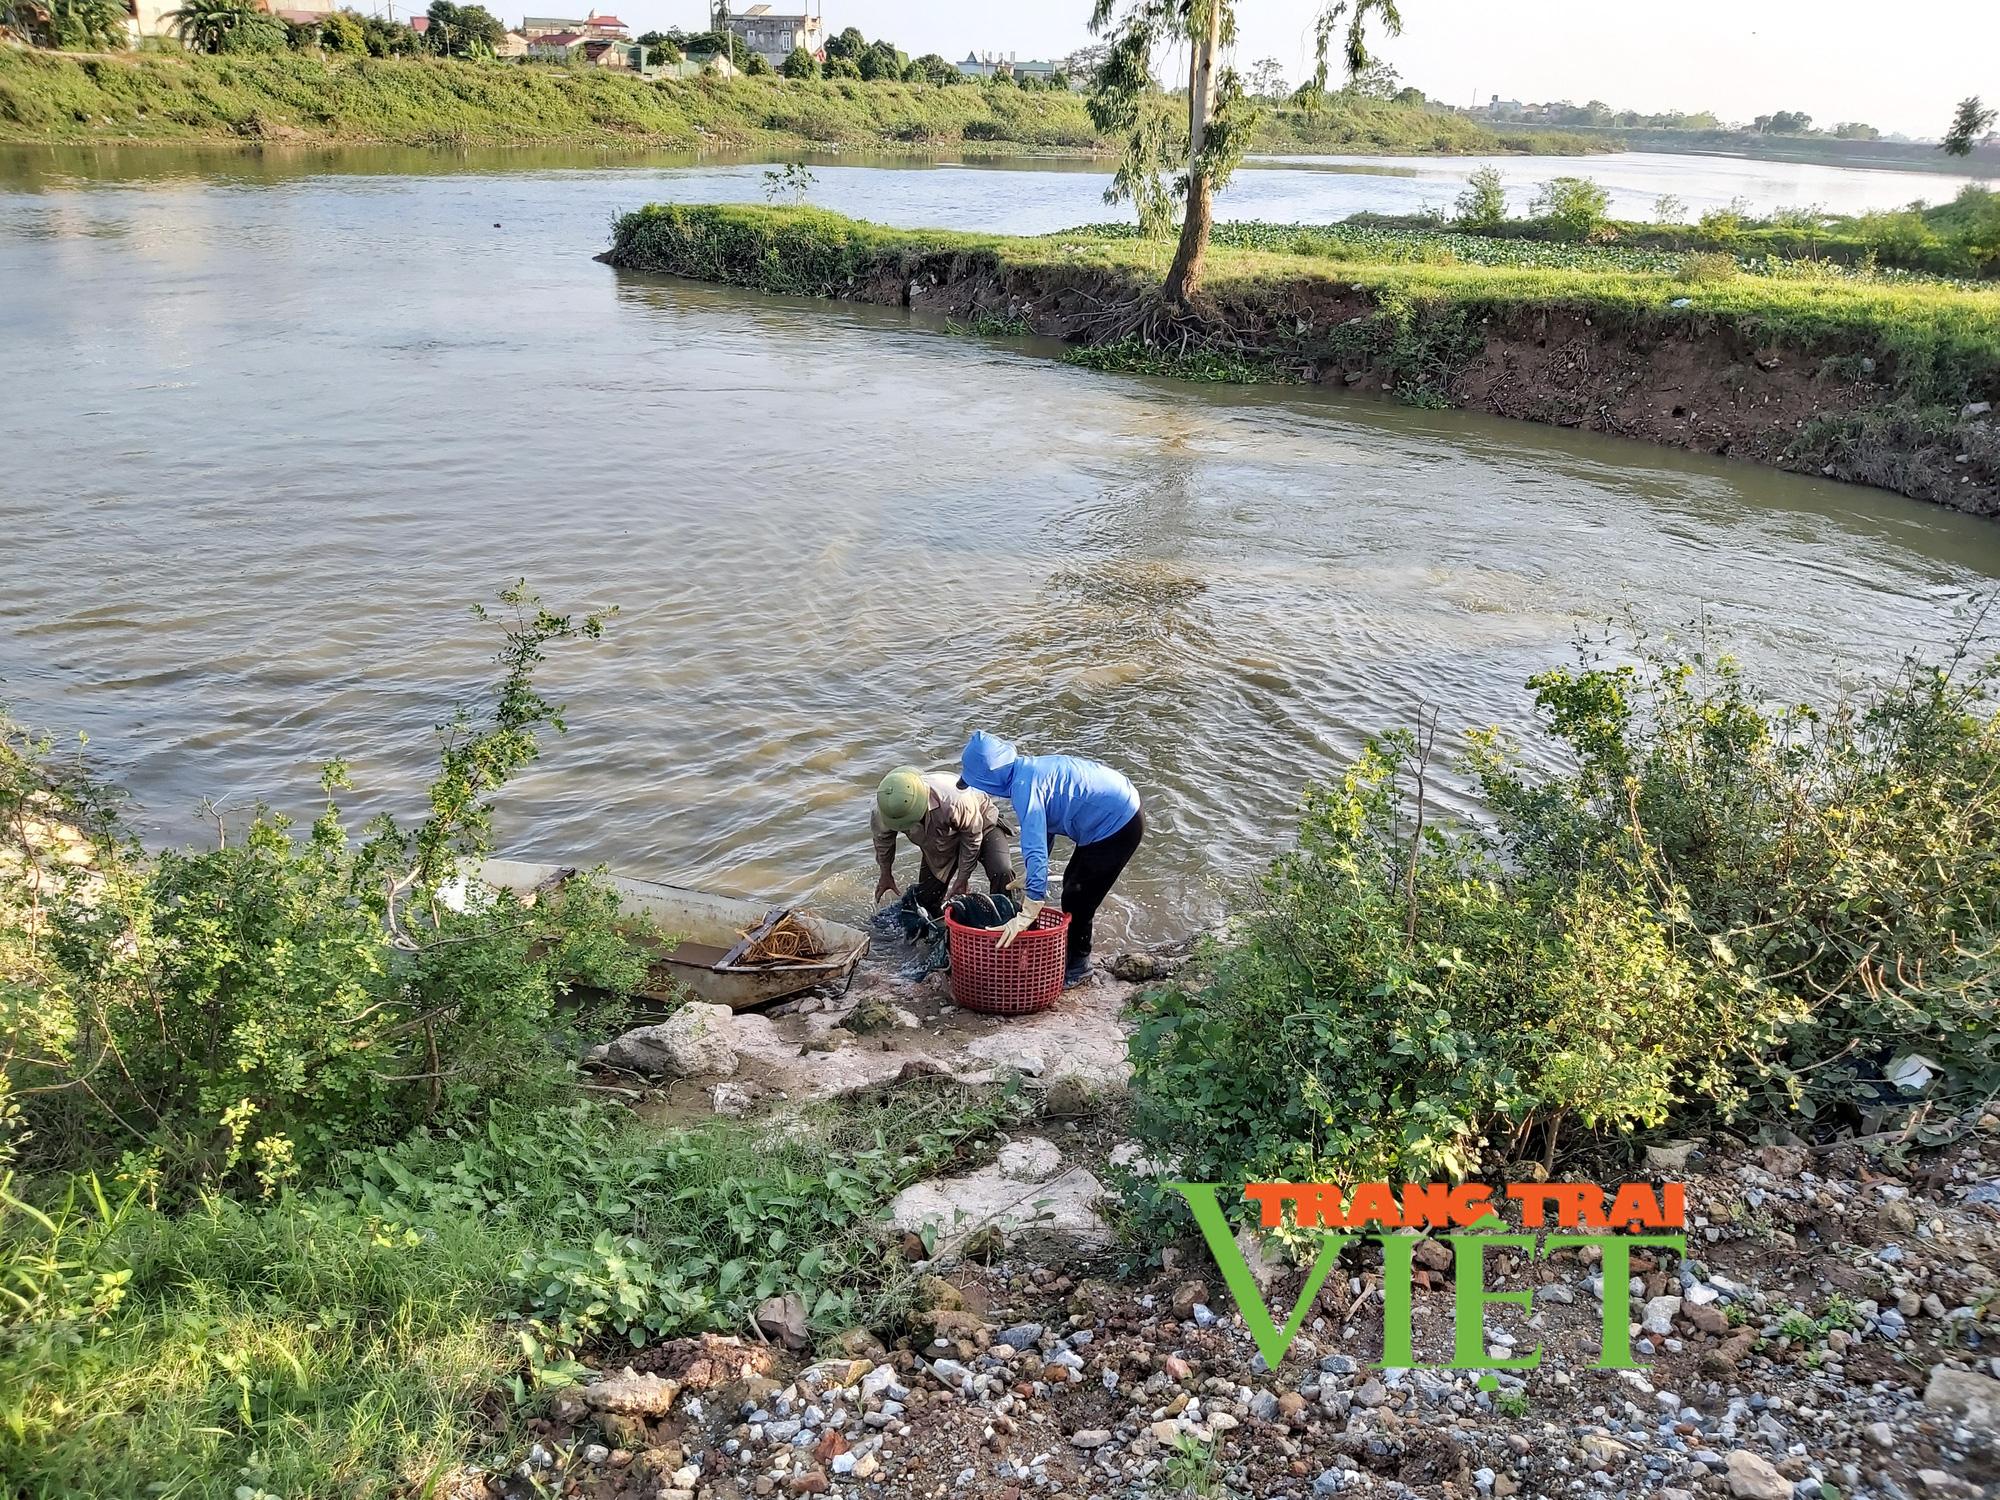 Hà Nội: Lão nông U50 thả nuôi ba ba gai cùng cá chuối hoa,  - Ảnh 3.